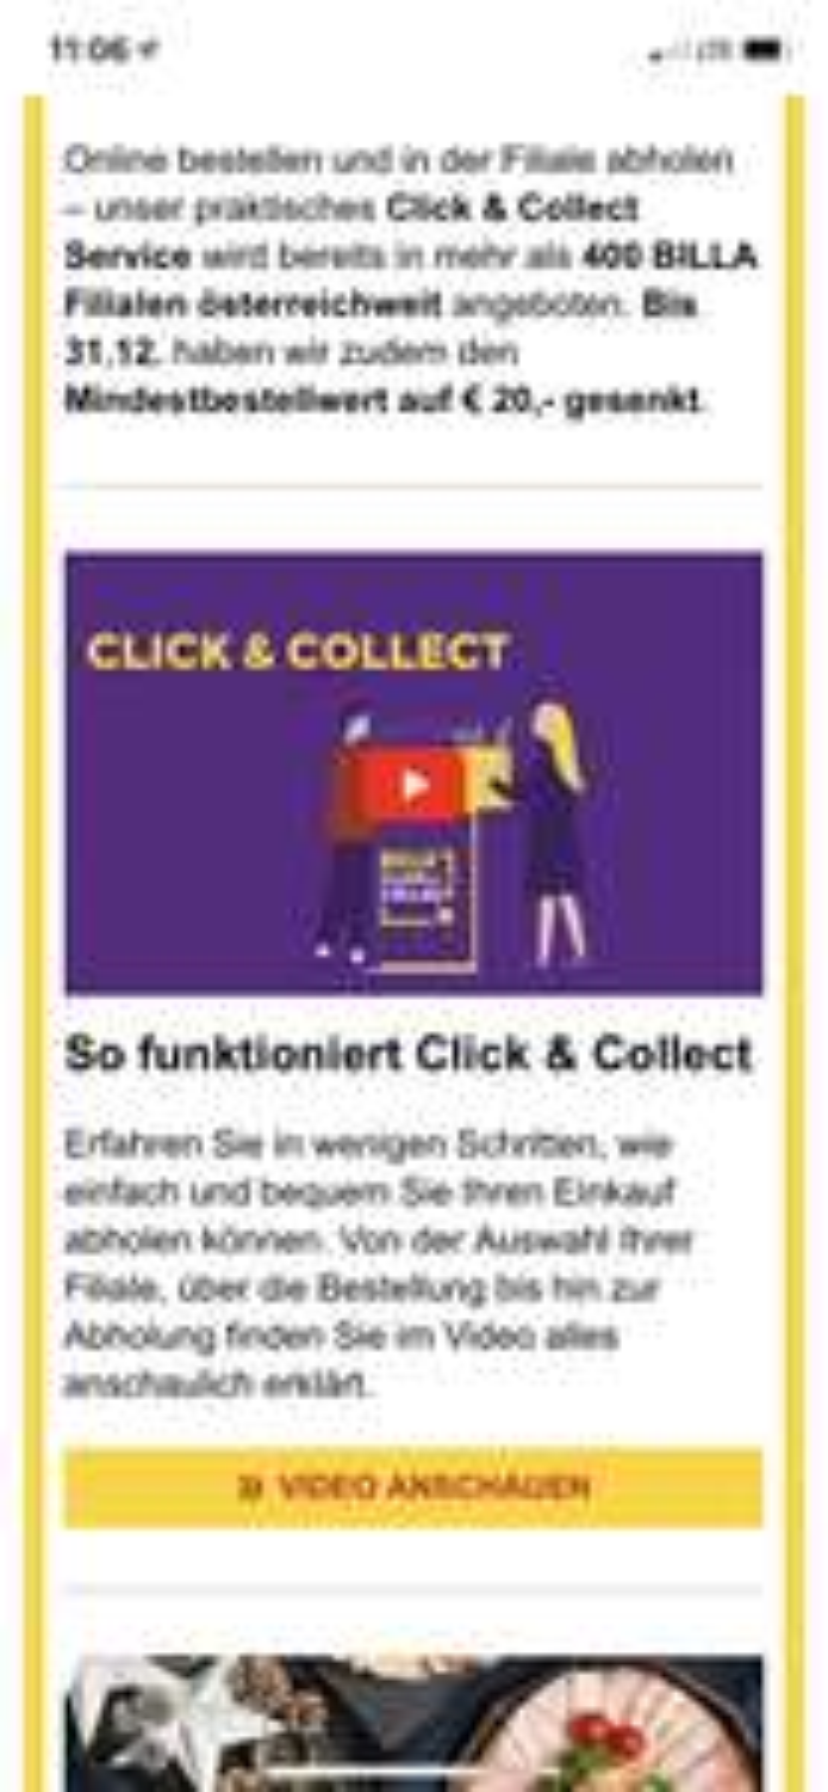 (Billa Infodeal) MBW bei Click & Collect gesenkt